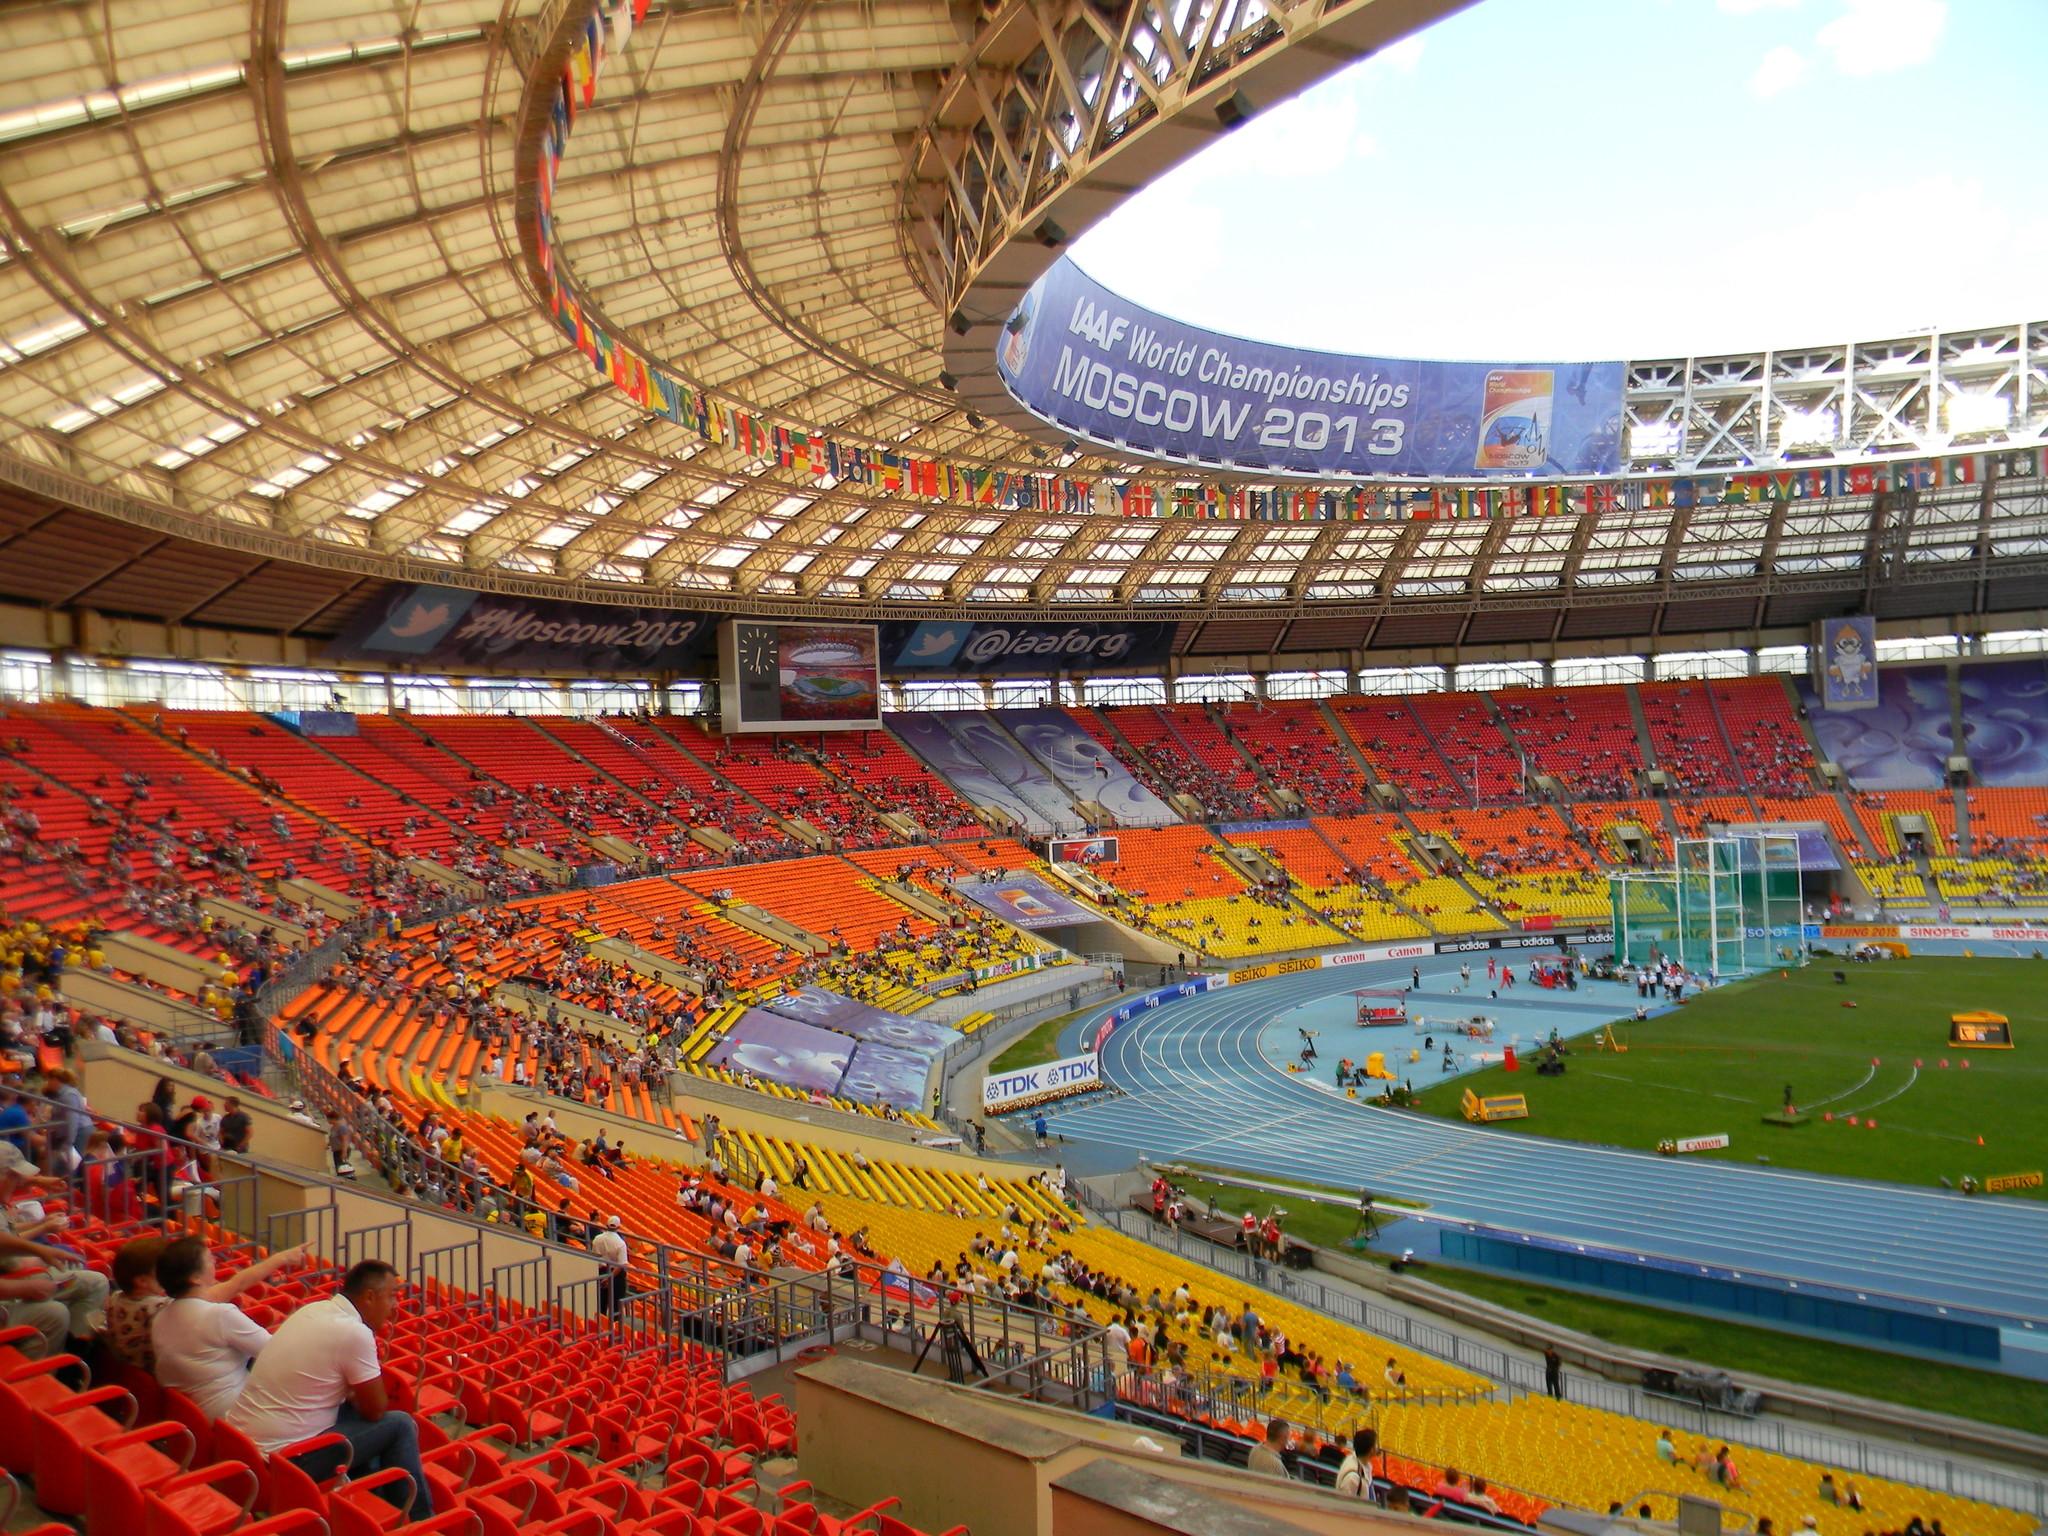 Стадион «Лужники» во время чемпионата мира по лёгкой атлетике (16 августа 2013 года)